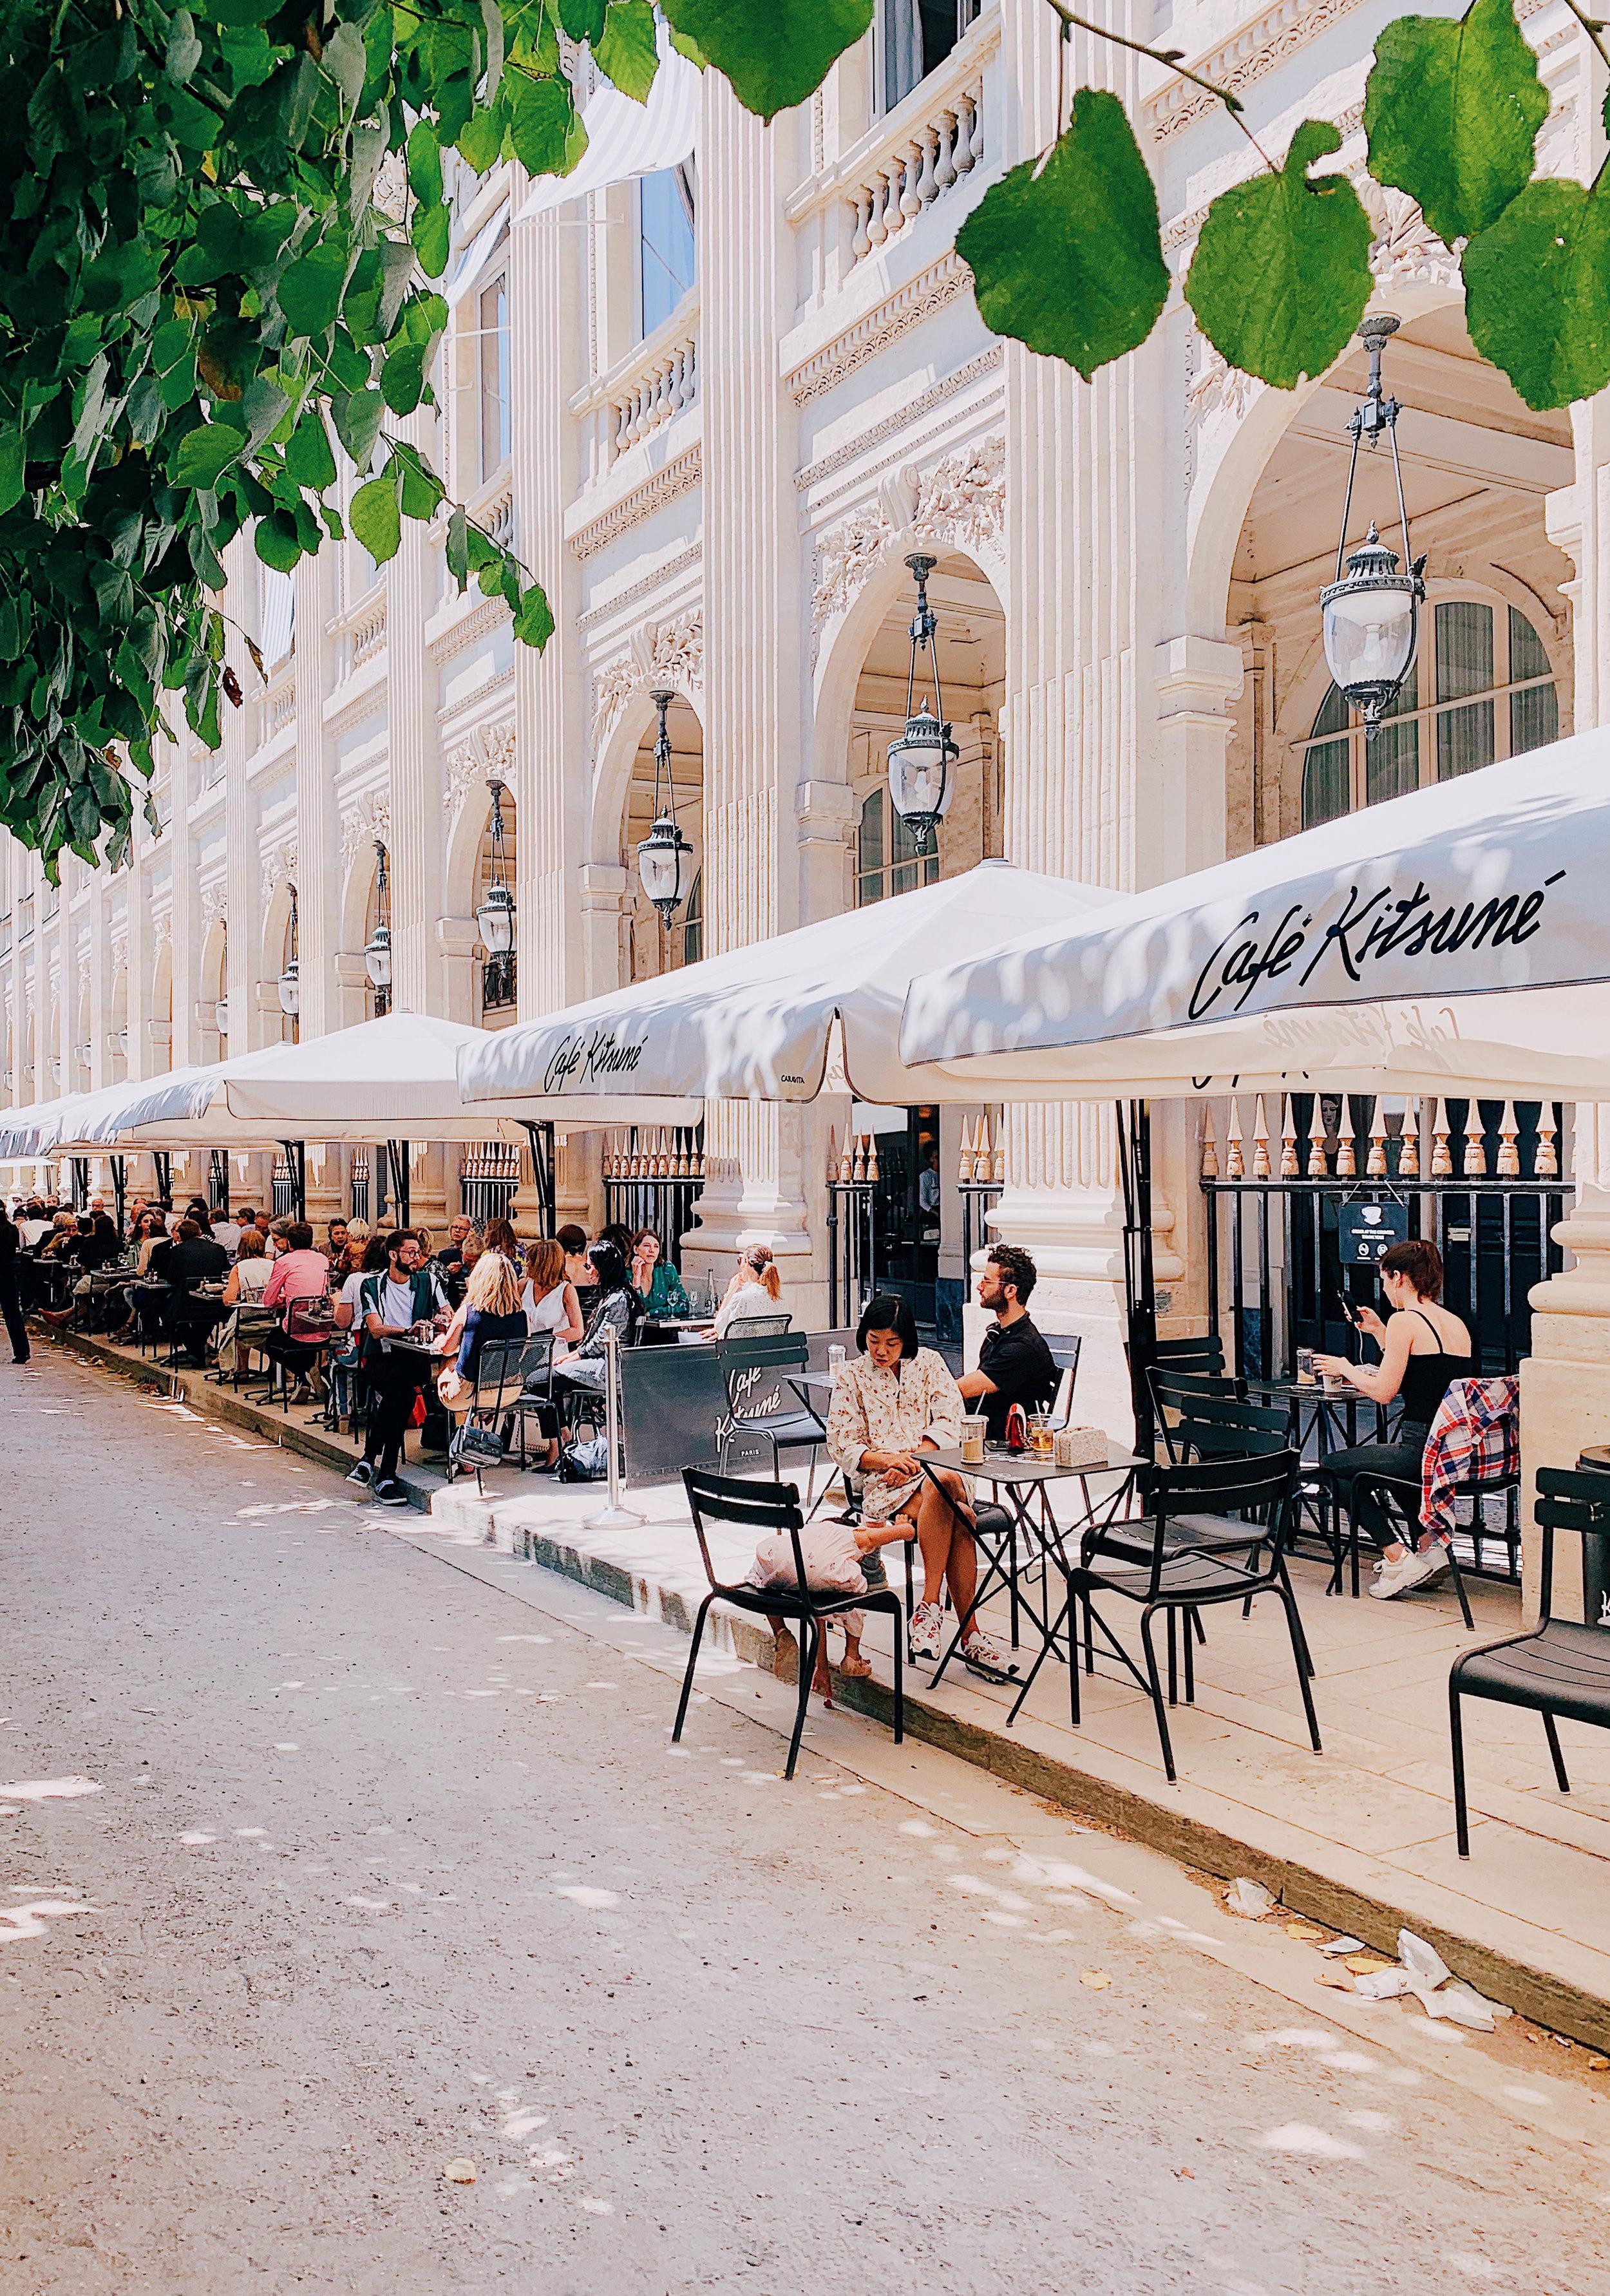 Paris 8 Cafe Kitsune.jpg